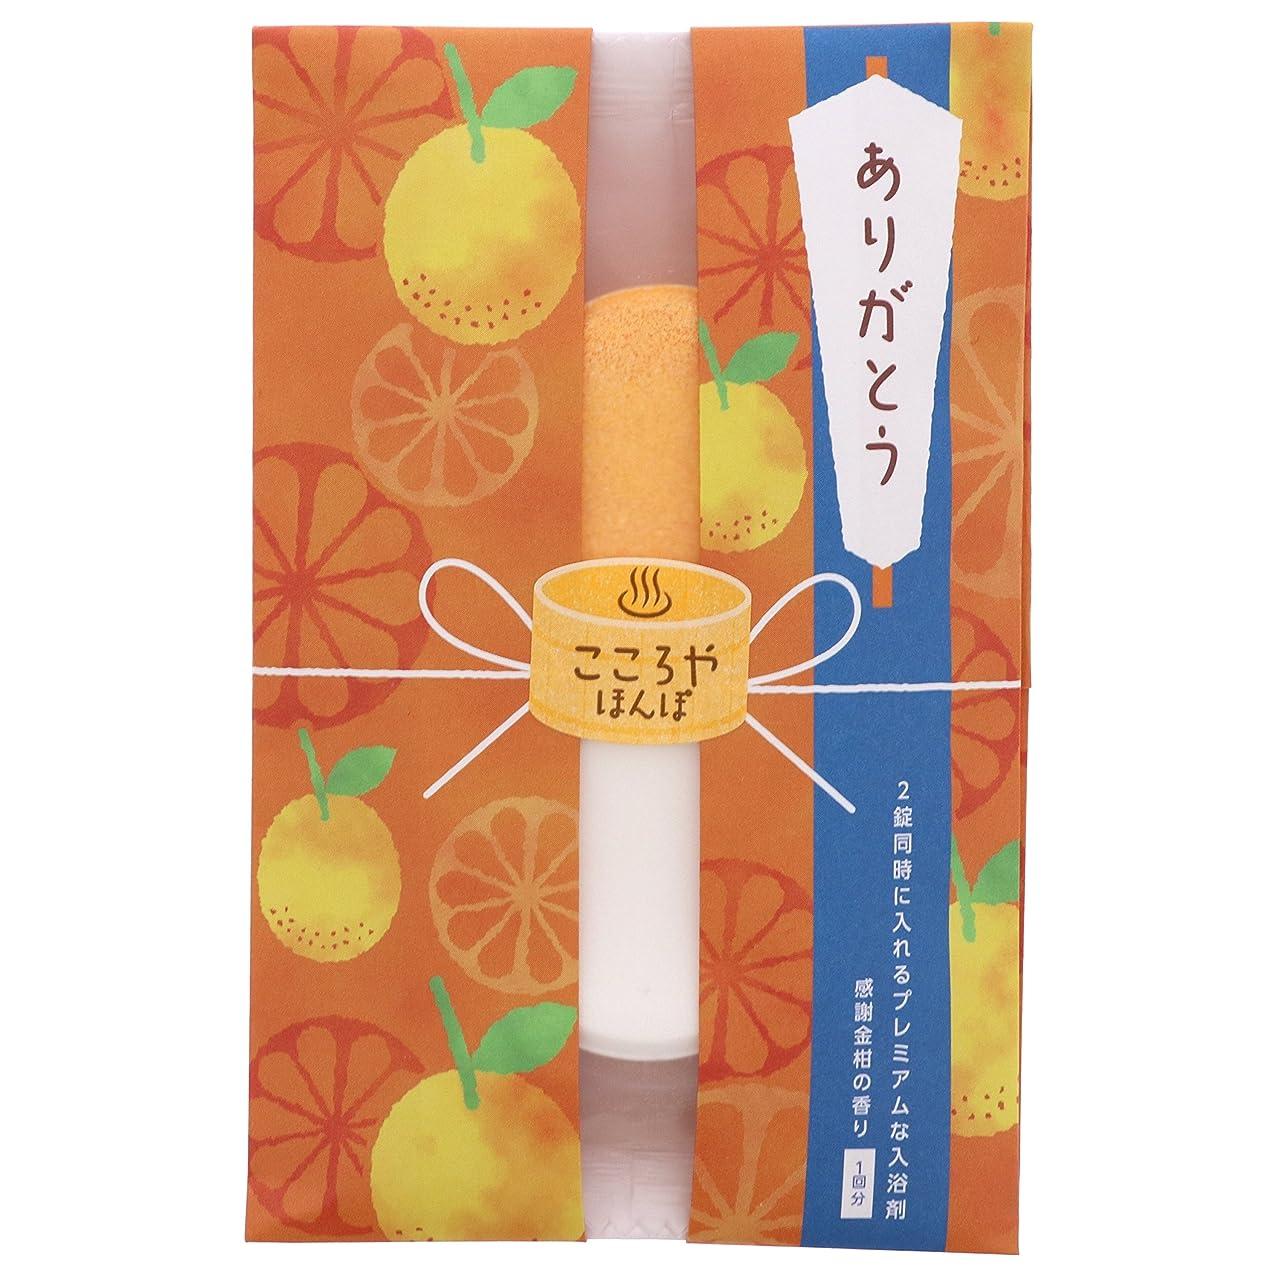 ひらめき変化ネクタイこころやほんぽ カジュアルギフト 入浴剤 ありがとう 金柑の香り 50g